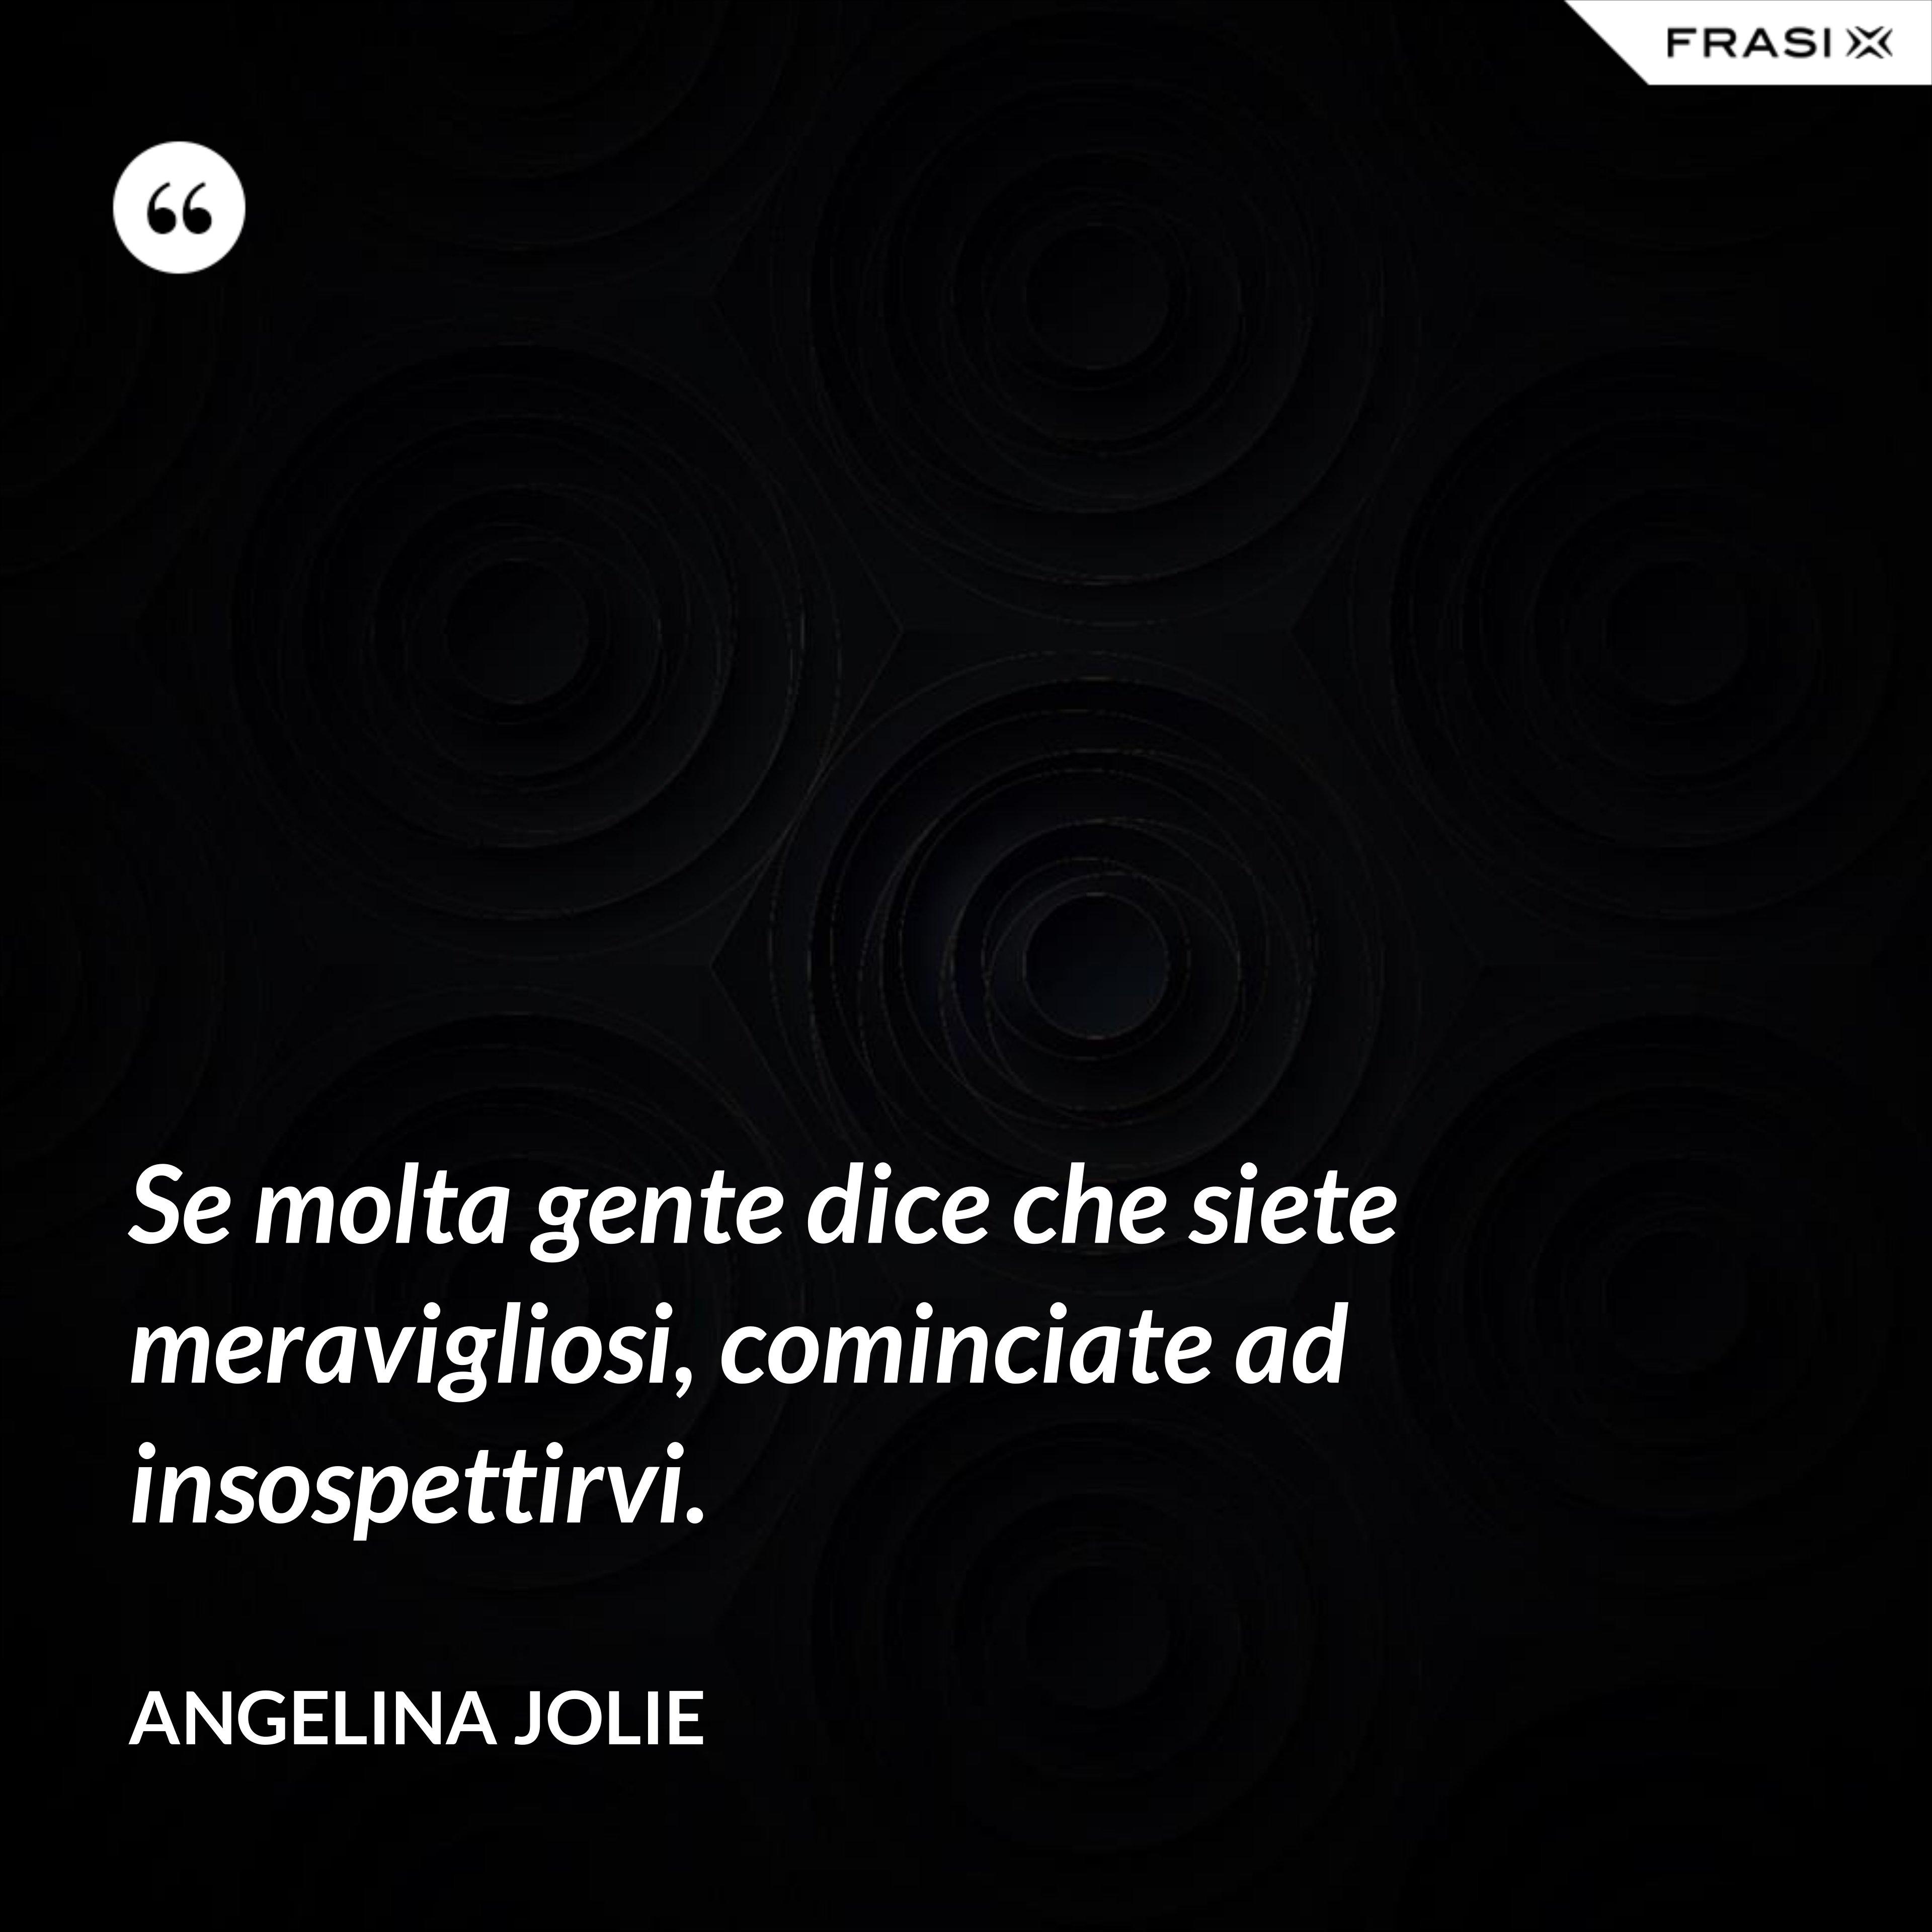 Se molta gente dice che siete meravigliosi, cominciate ad insospettirvi. - Angelina Jolie